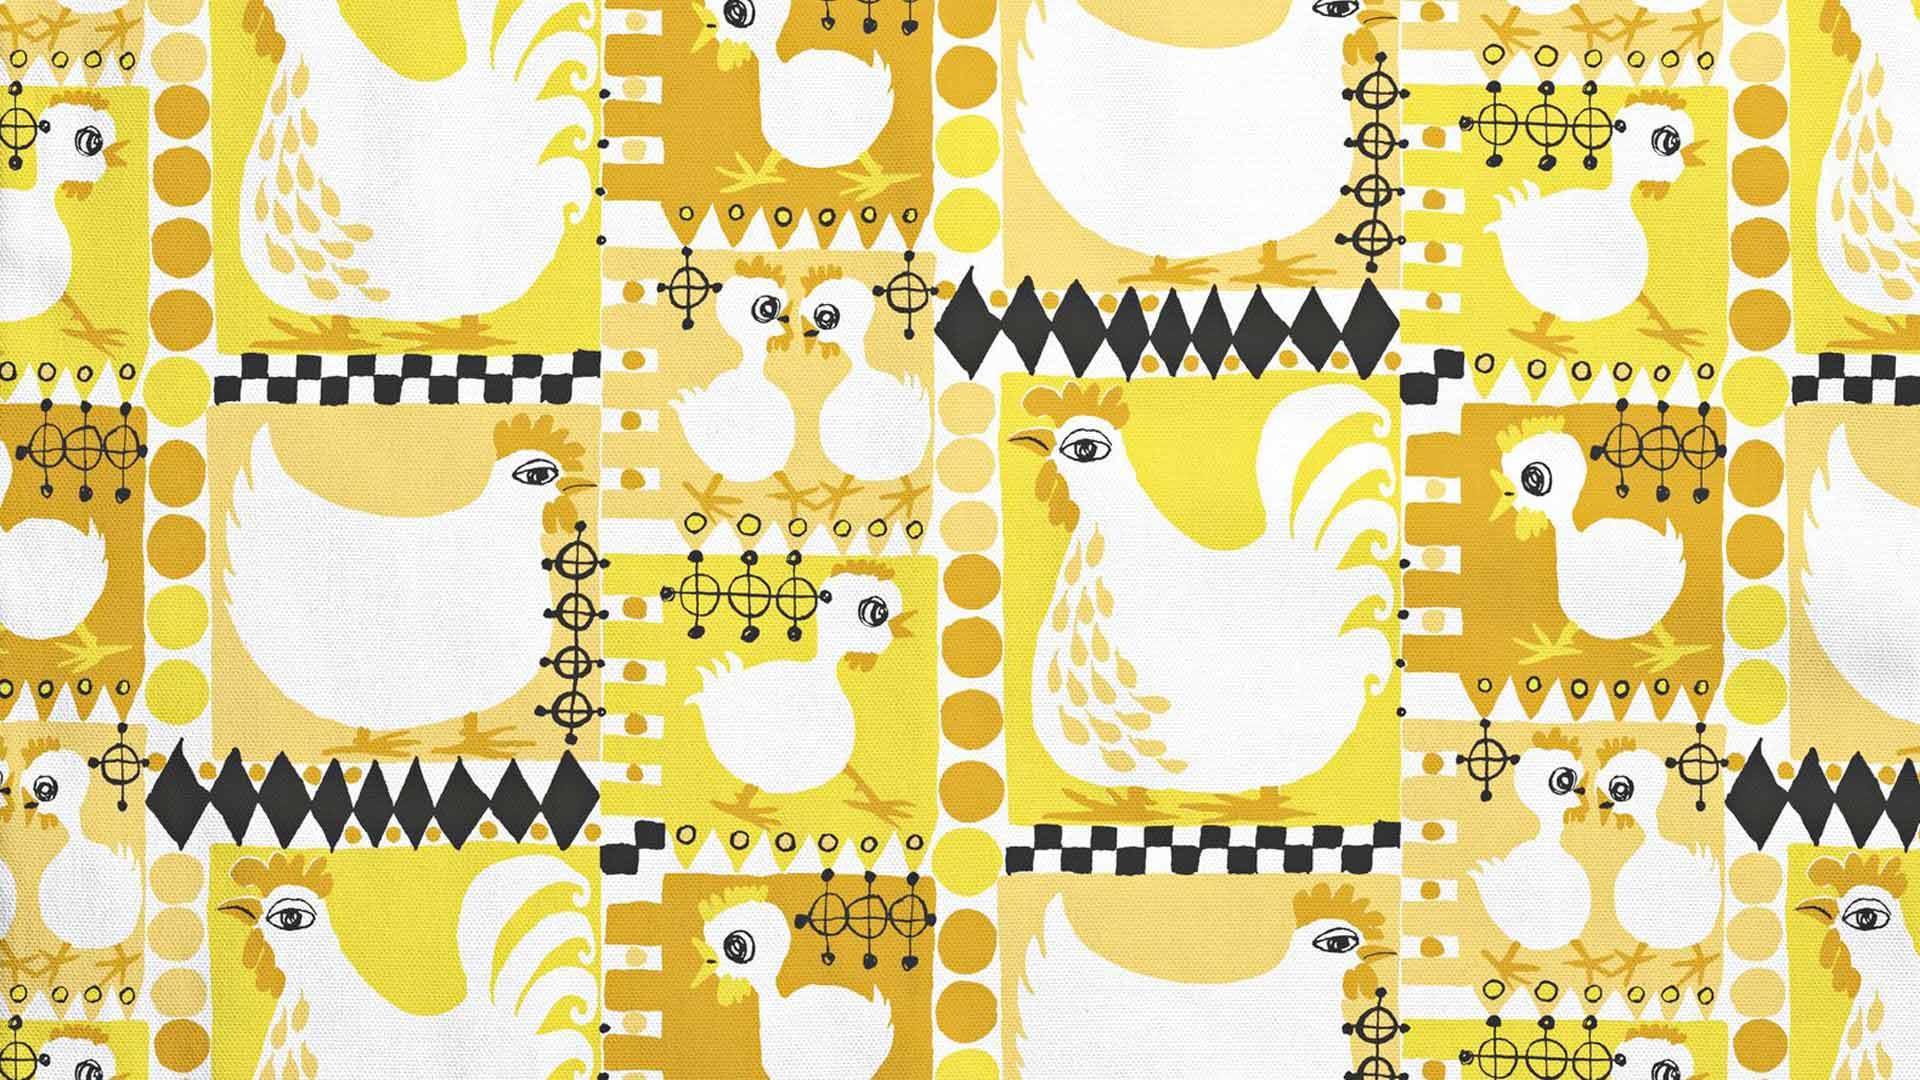 Klaara-kangasta (alkuperäinen on vuodelta 1955) painettiin 2000-luvulla keltaisena.